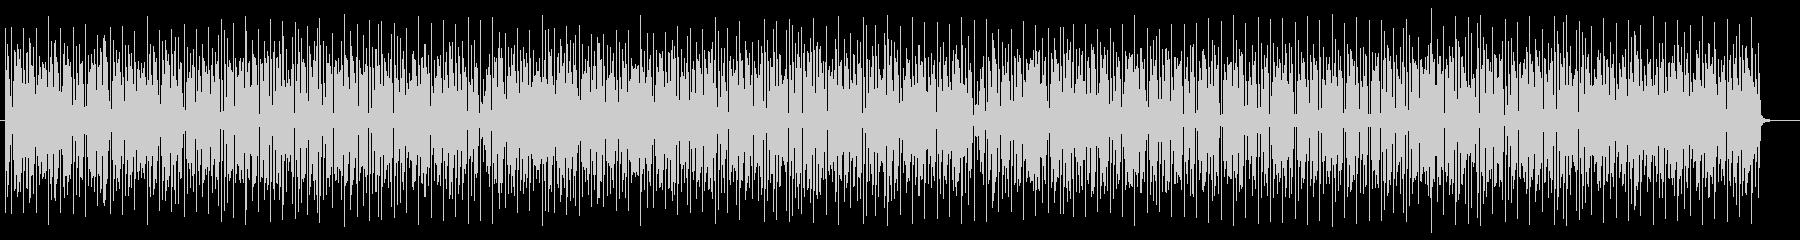 コミカルかわいいシンセサイザーサウンドの未再生の波形